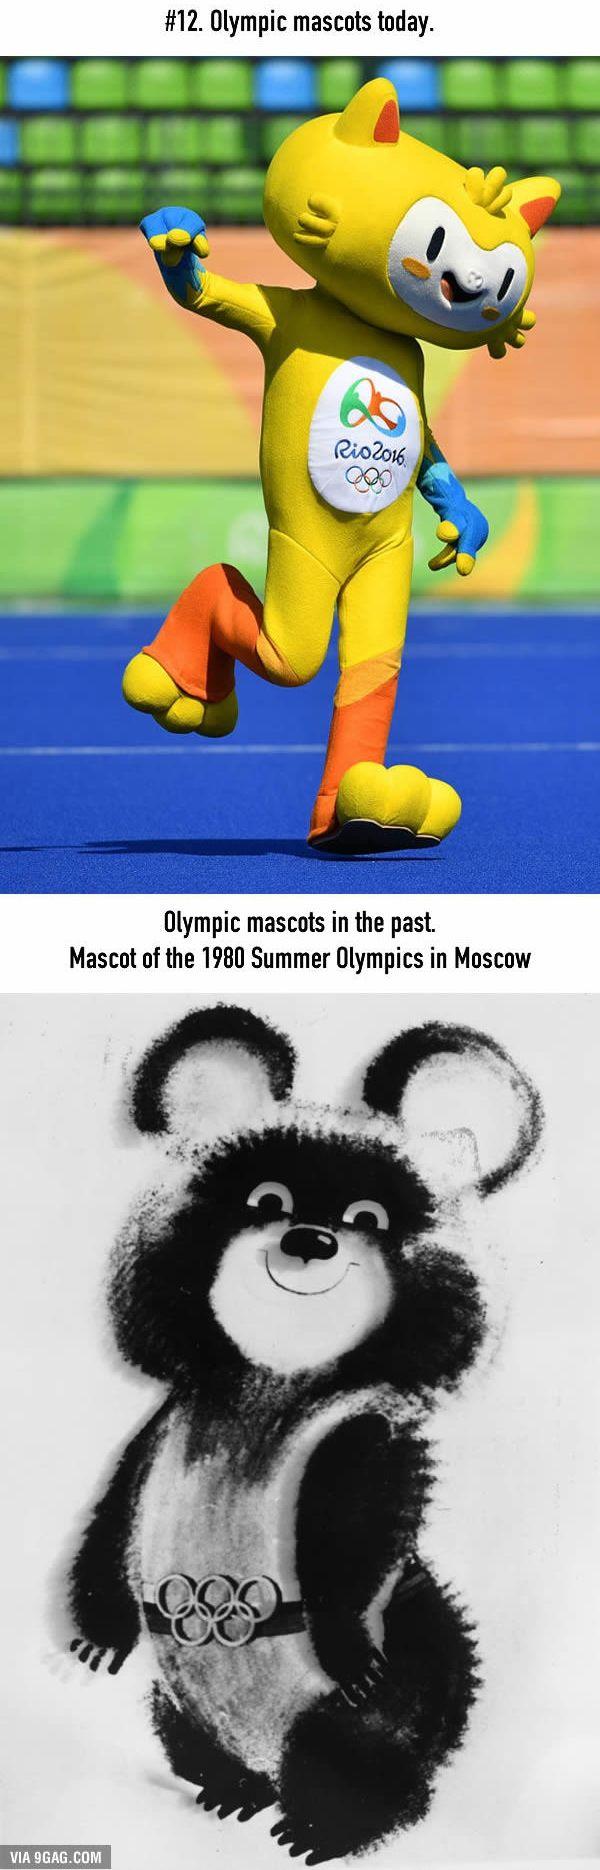 Maskot Olimpiade Maksot Olimpiade Rio 2016 kali ini mirip kucing ya Pulsker. Maskot ini biasanya muncul di pembukaan Olimpiade. Kalau olimpiade dulu hanya beruba gambar ternyata. Perubahannya banyak banget ya Pulsker, jangan lupa share ke temen kamu yang lain yaa.